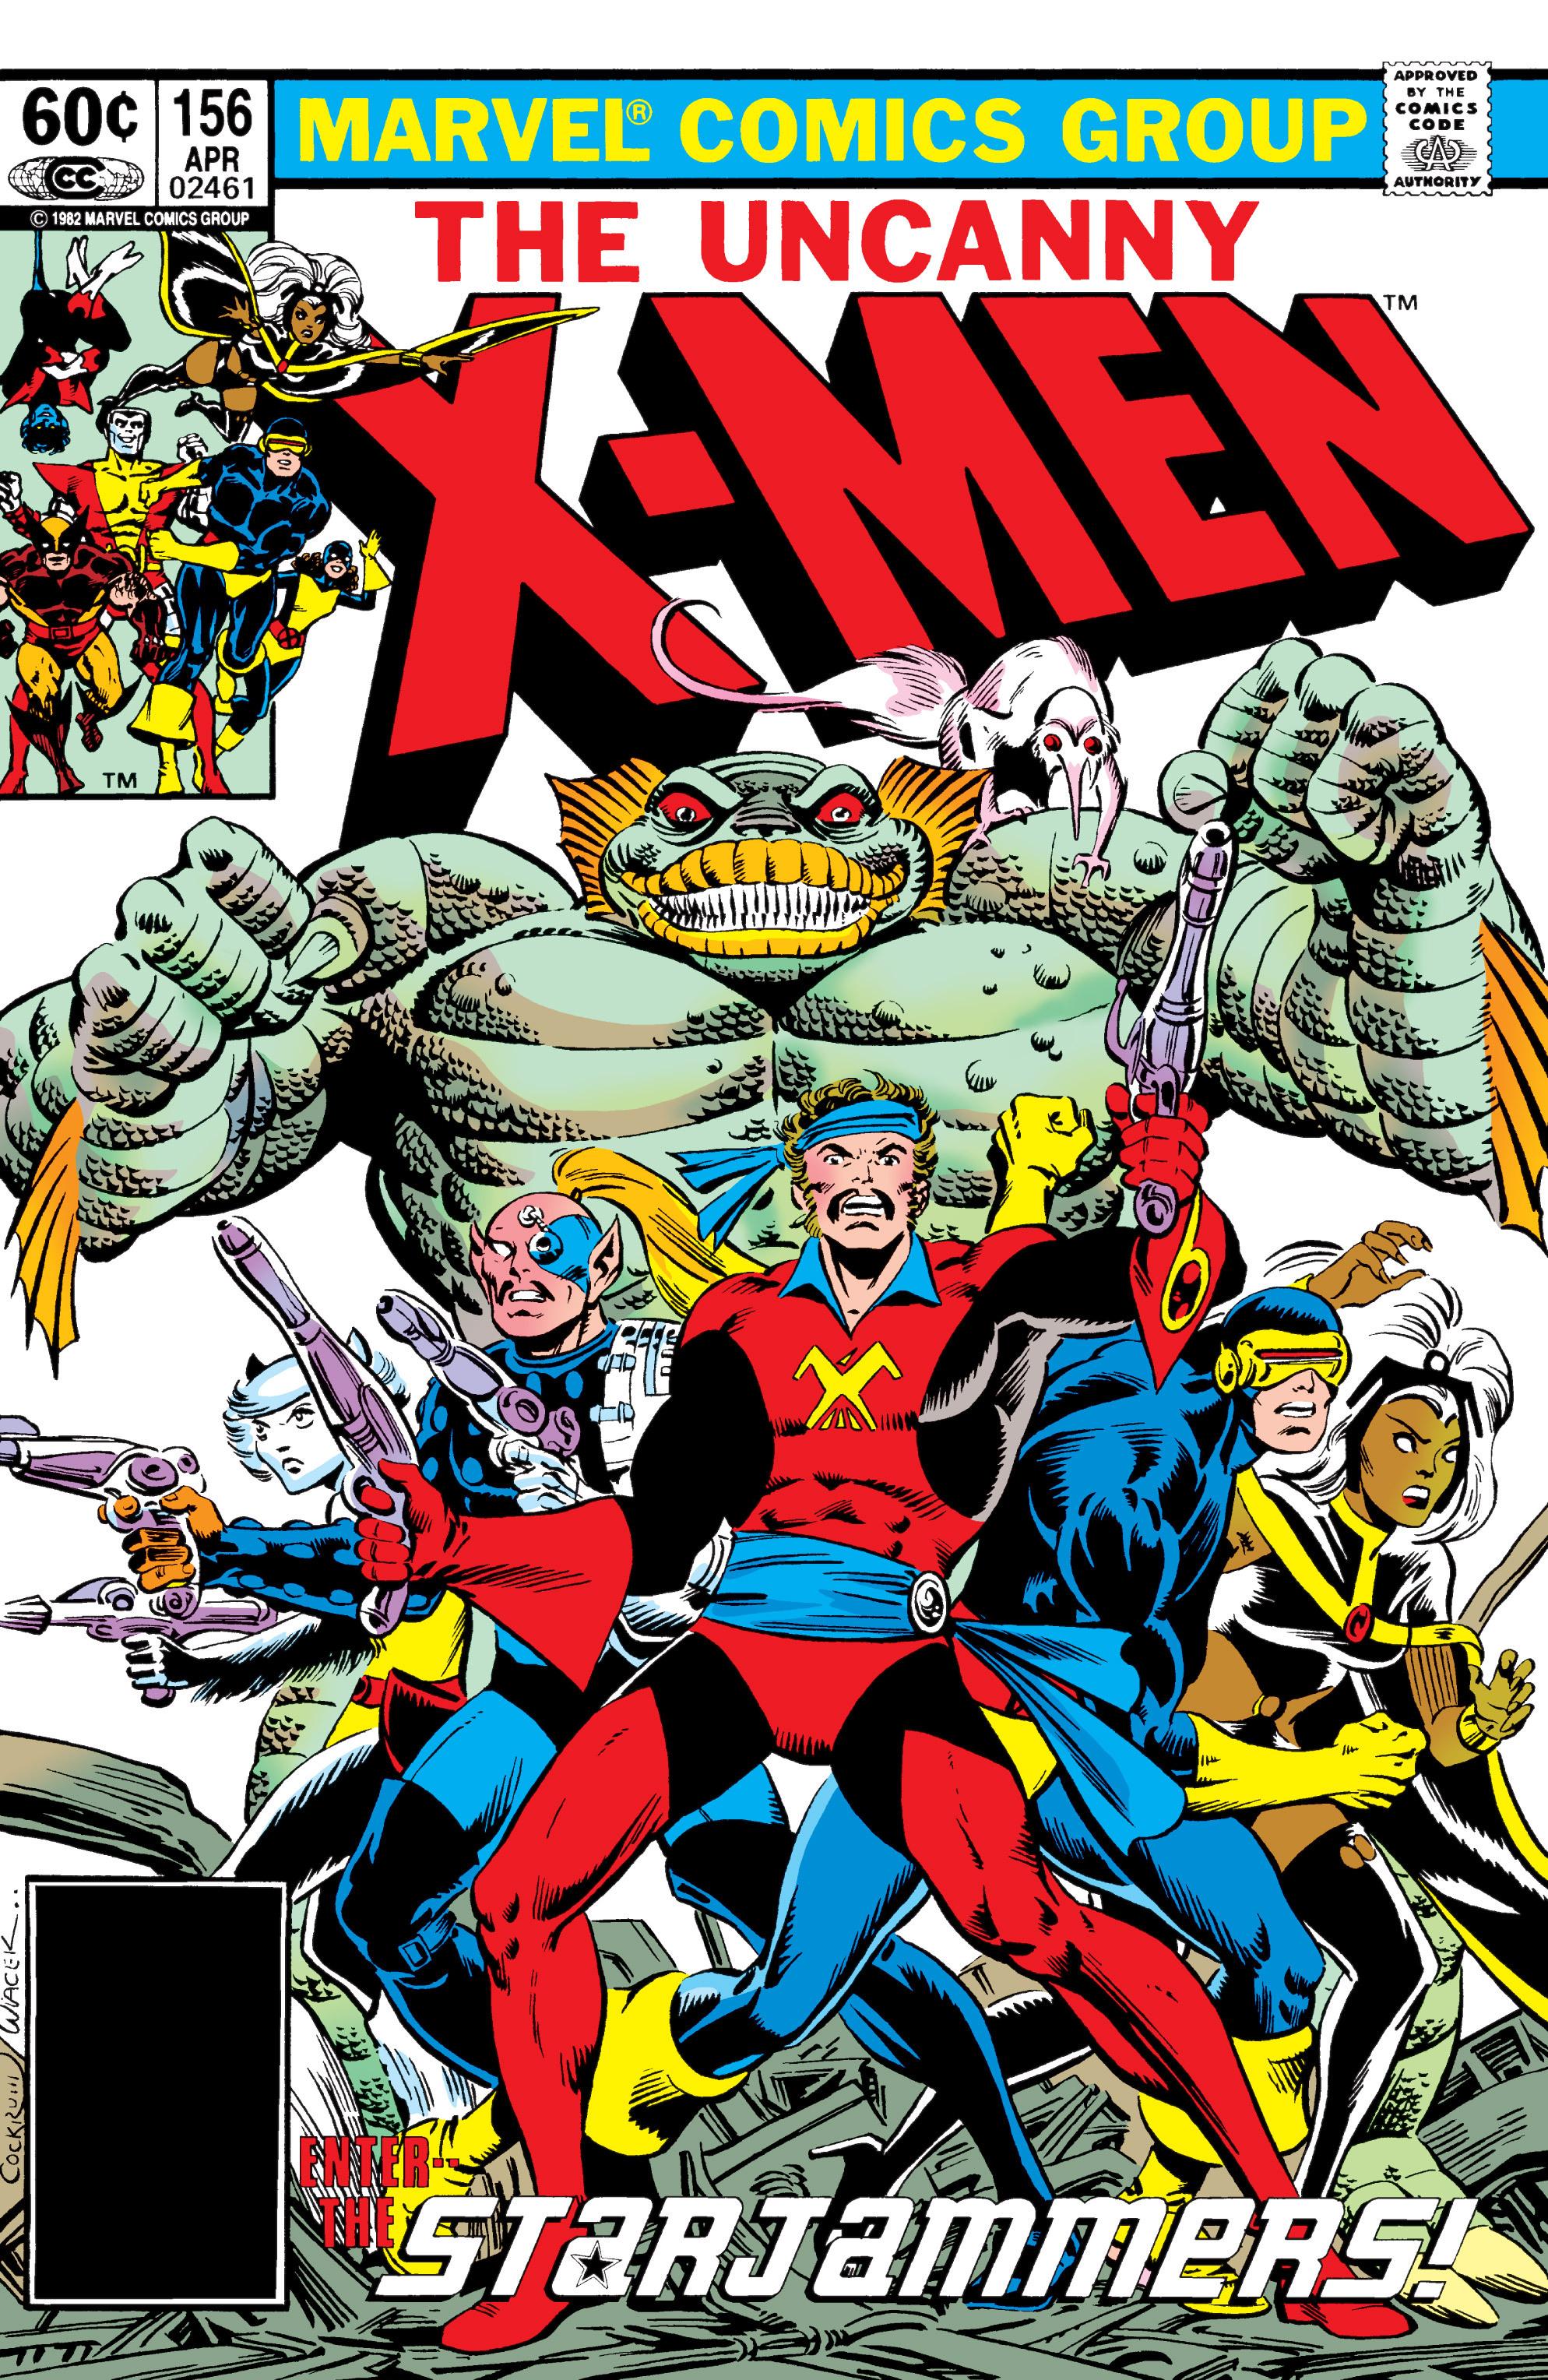 Uncanny X-Men (1963) 156 Page 1